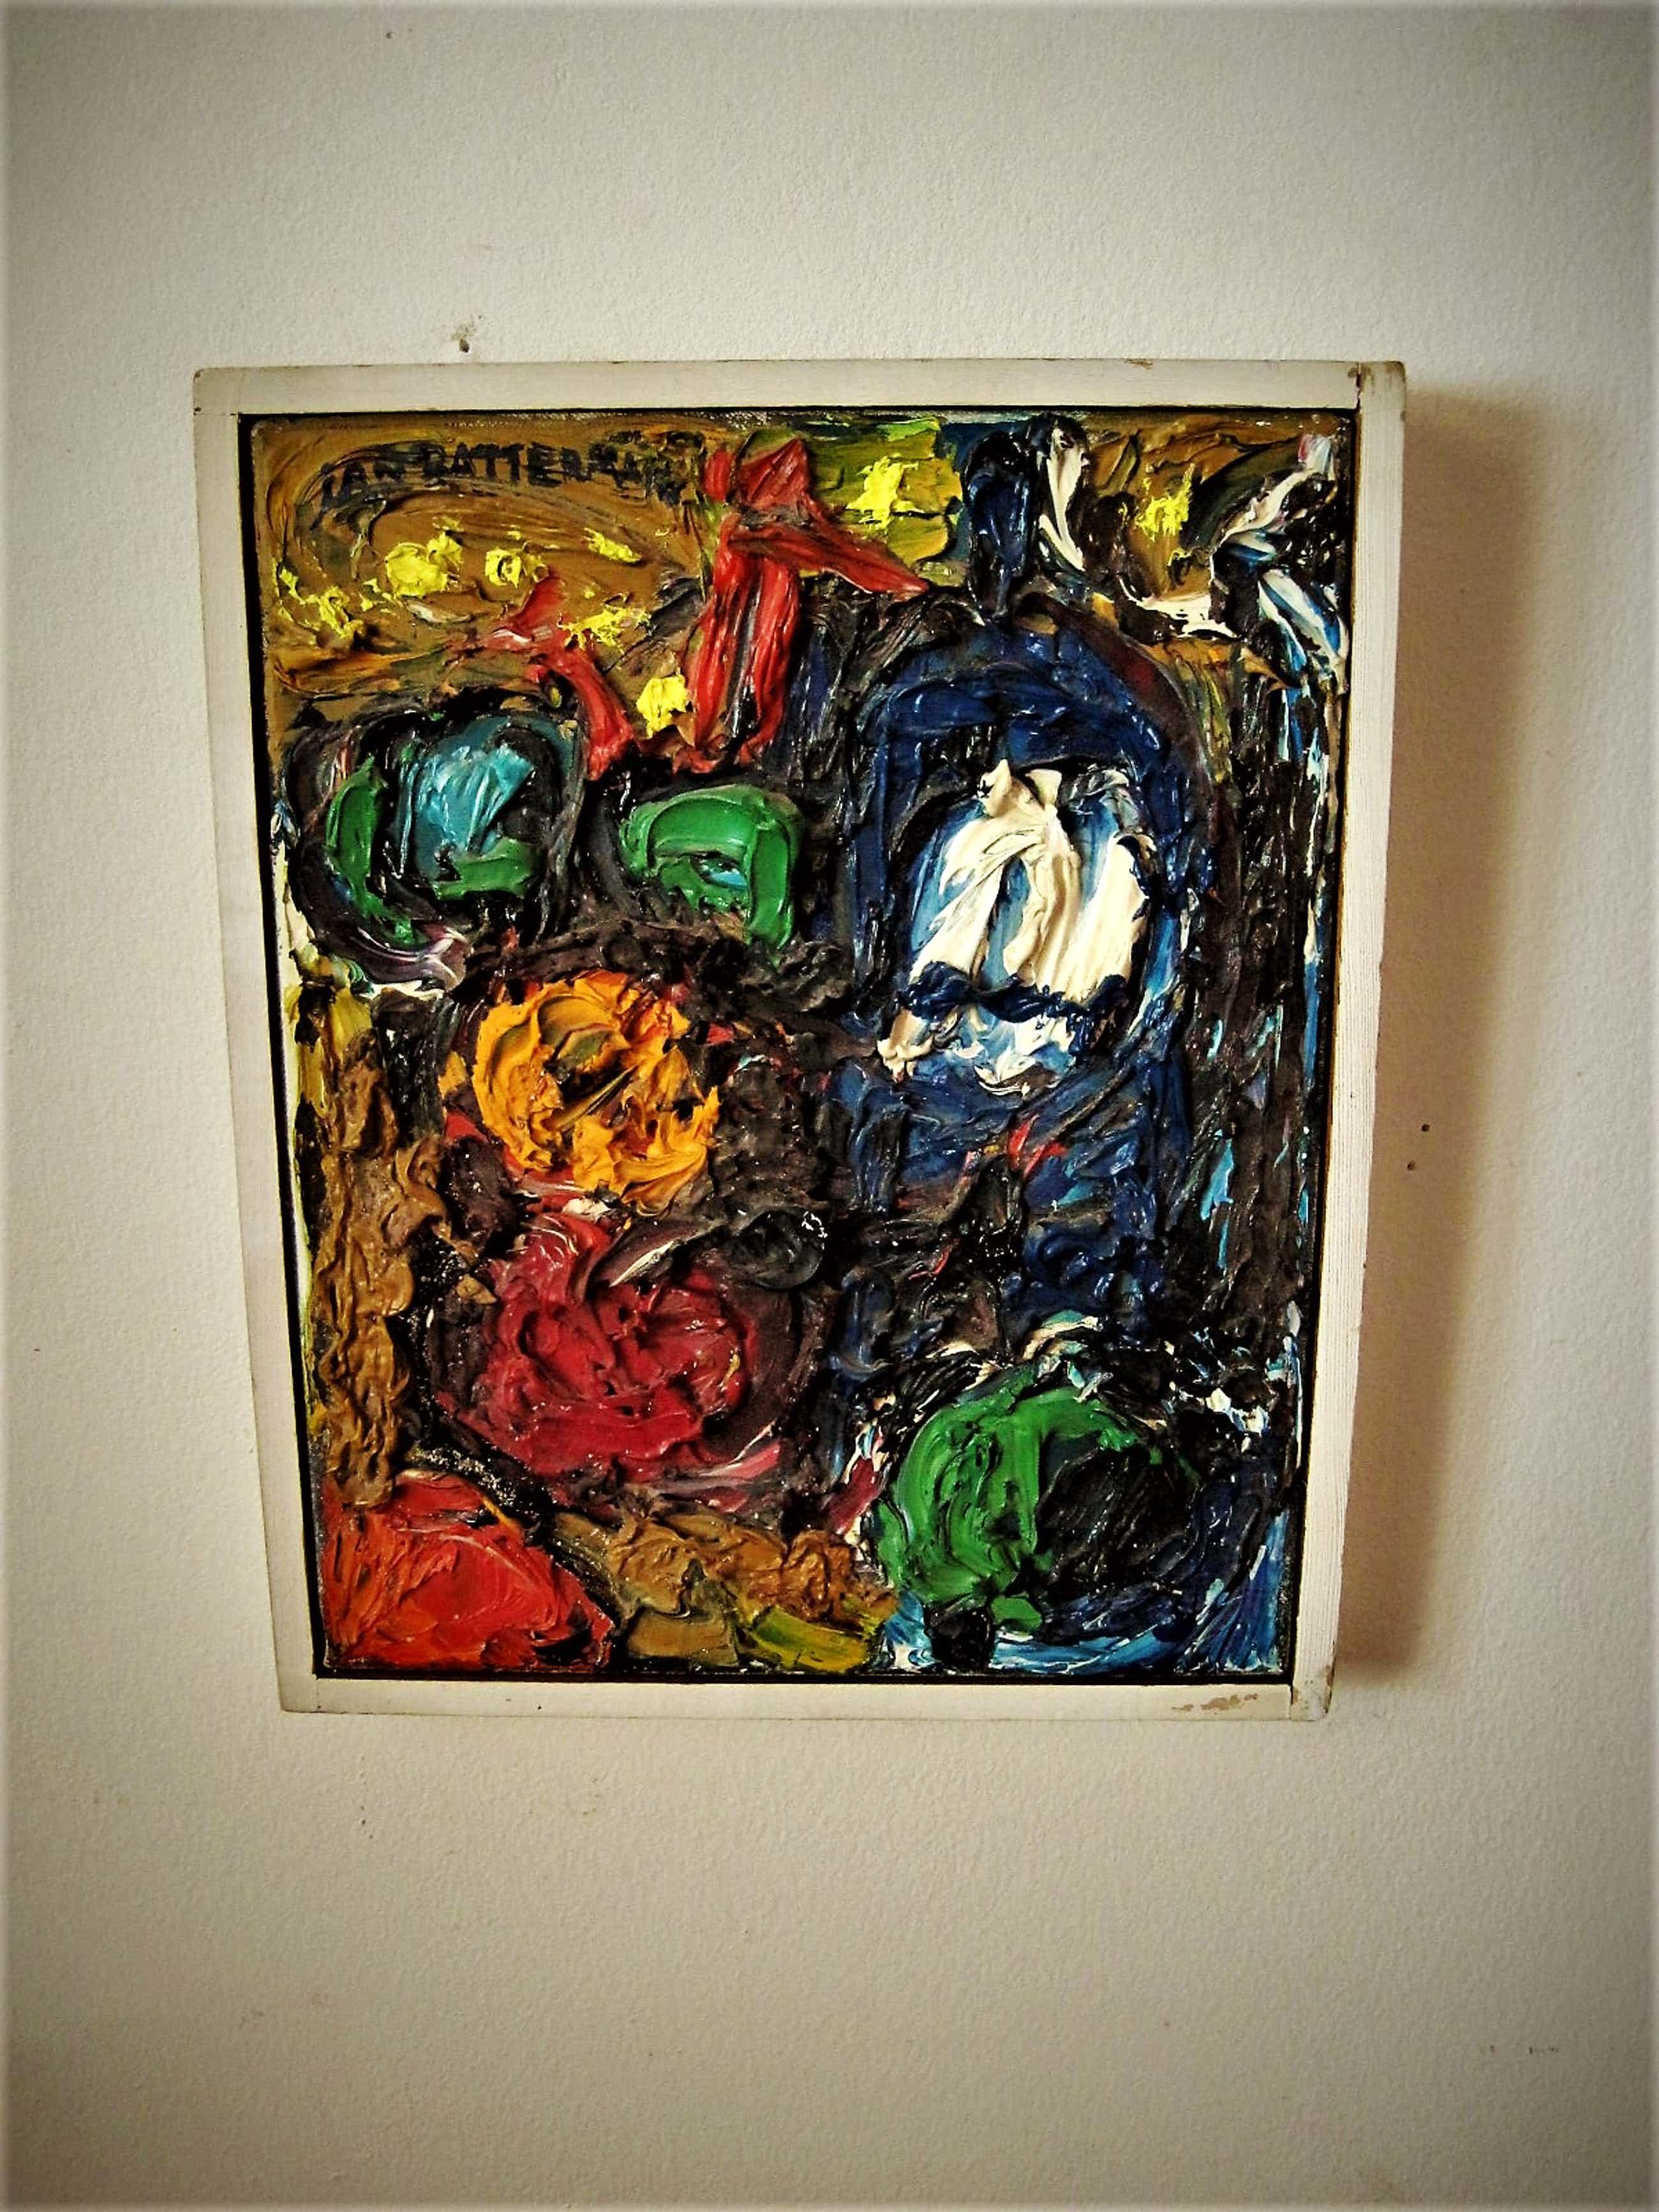 Jan Battermann - Krachtig Pasteus Abstract OLIEVERF 1957- Museum Fodor expositie- gesigneerd kopen? Bied vanaf 290!